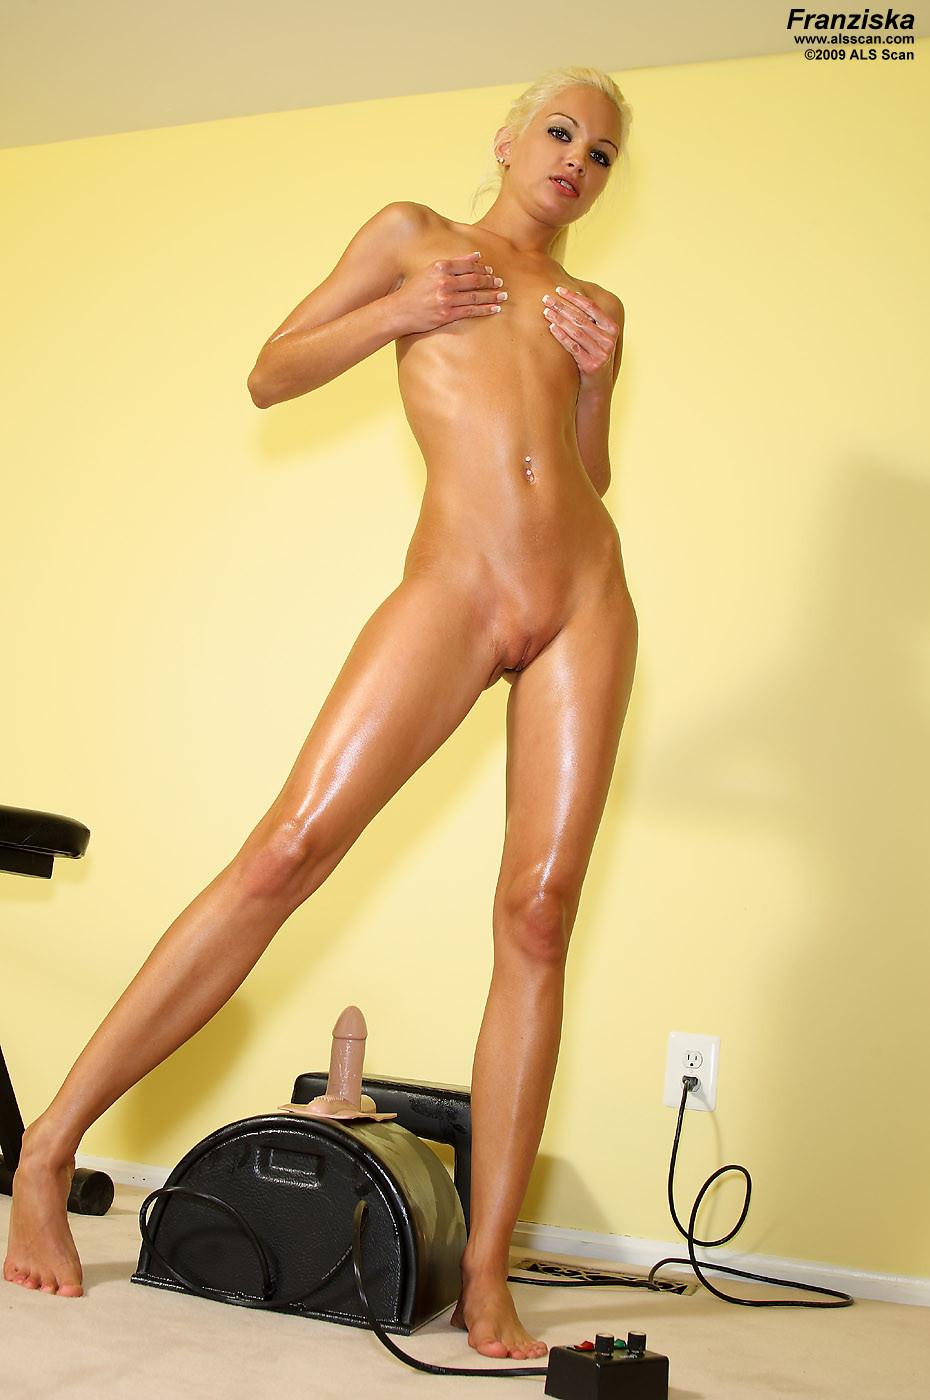 Очень стройная блондинка Franziska Facella решила помастурбировать